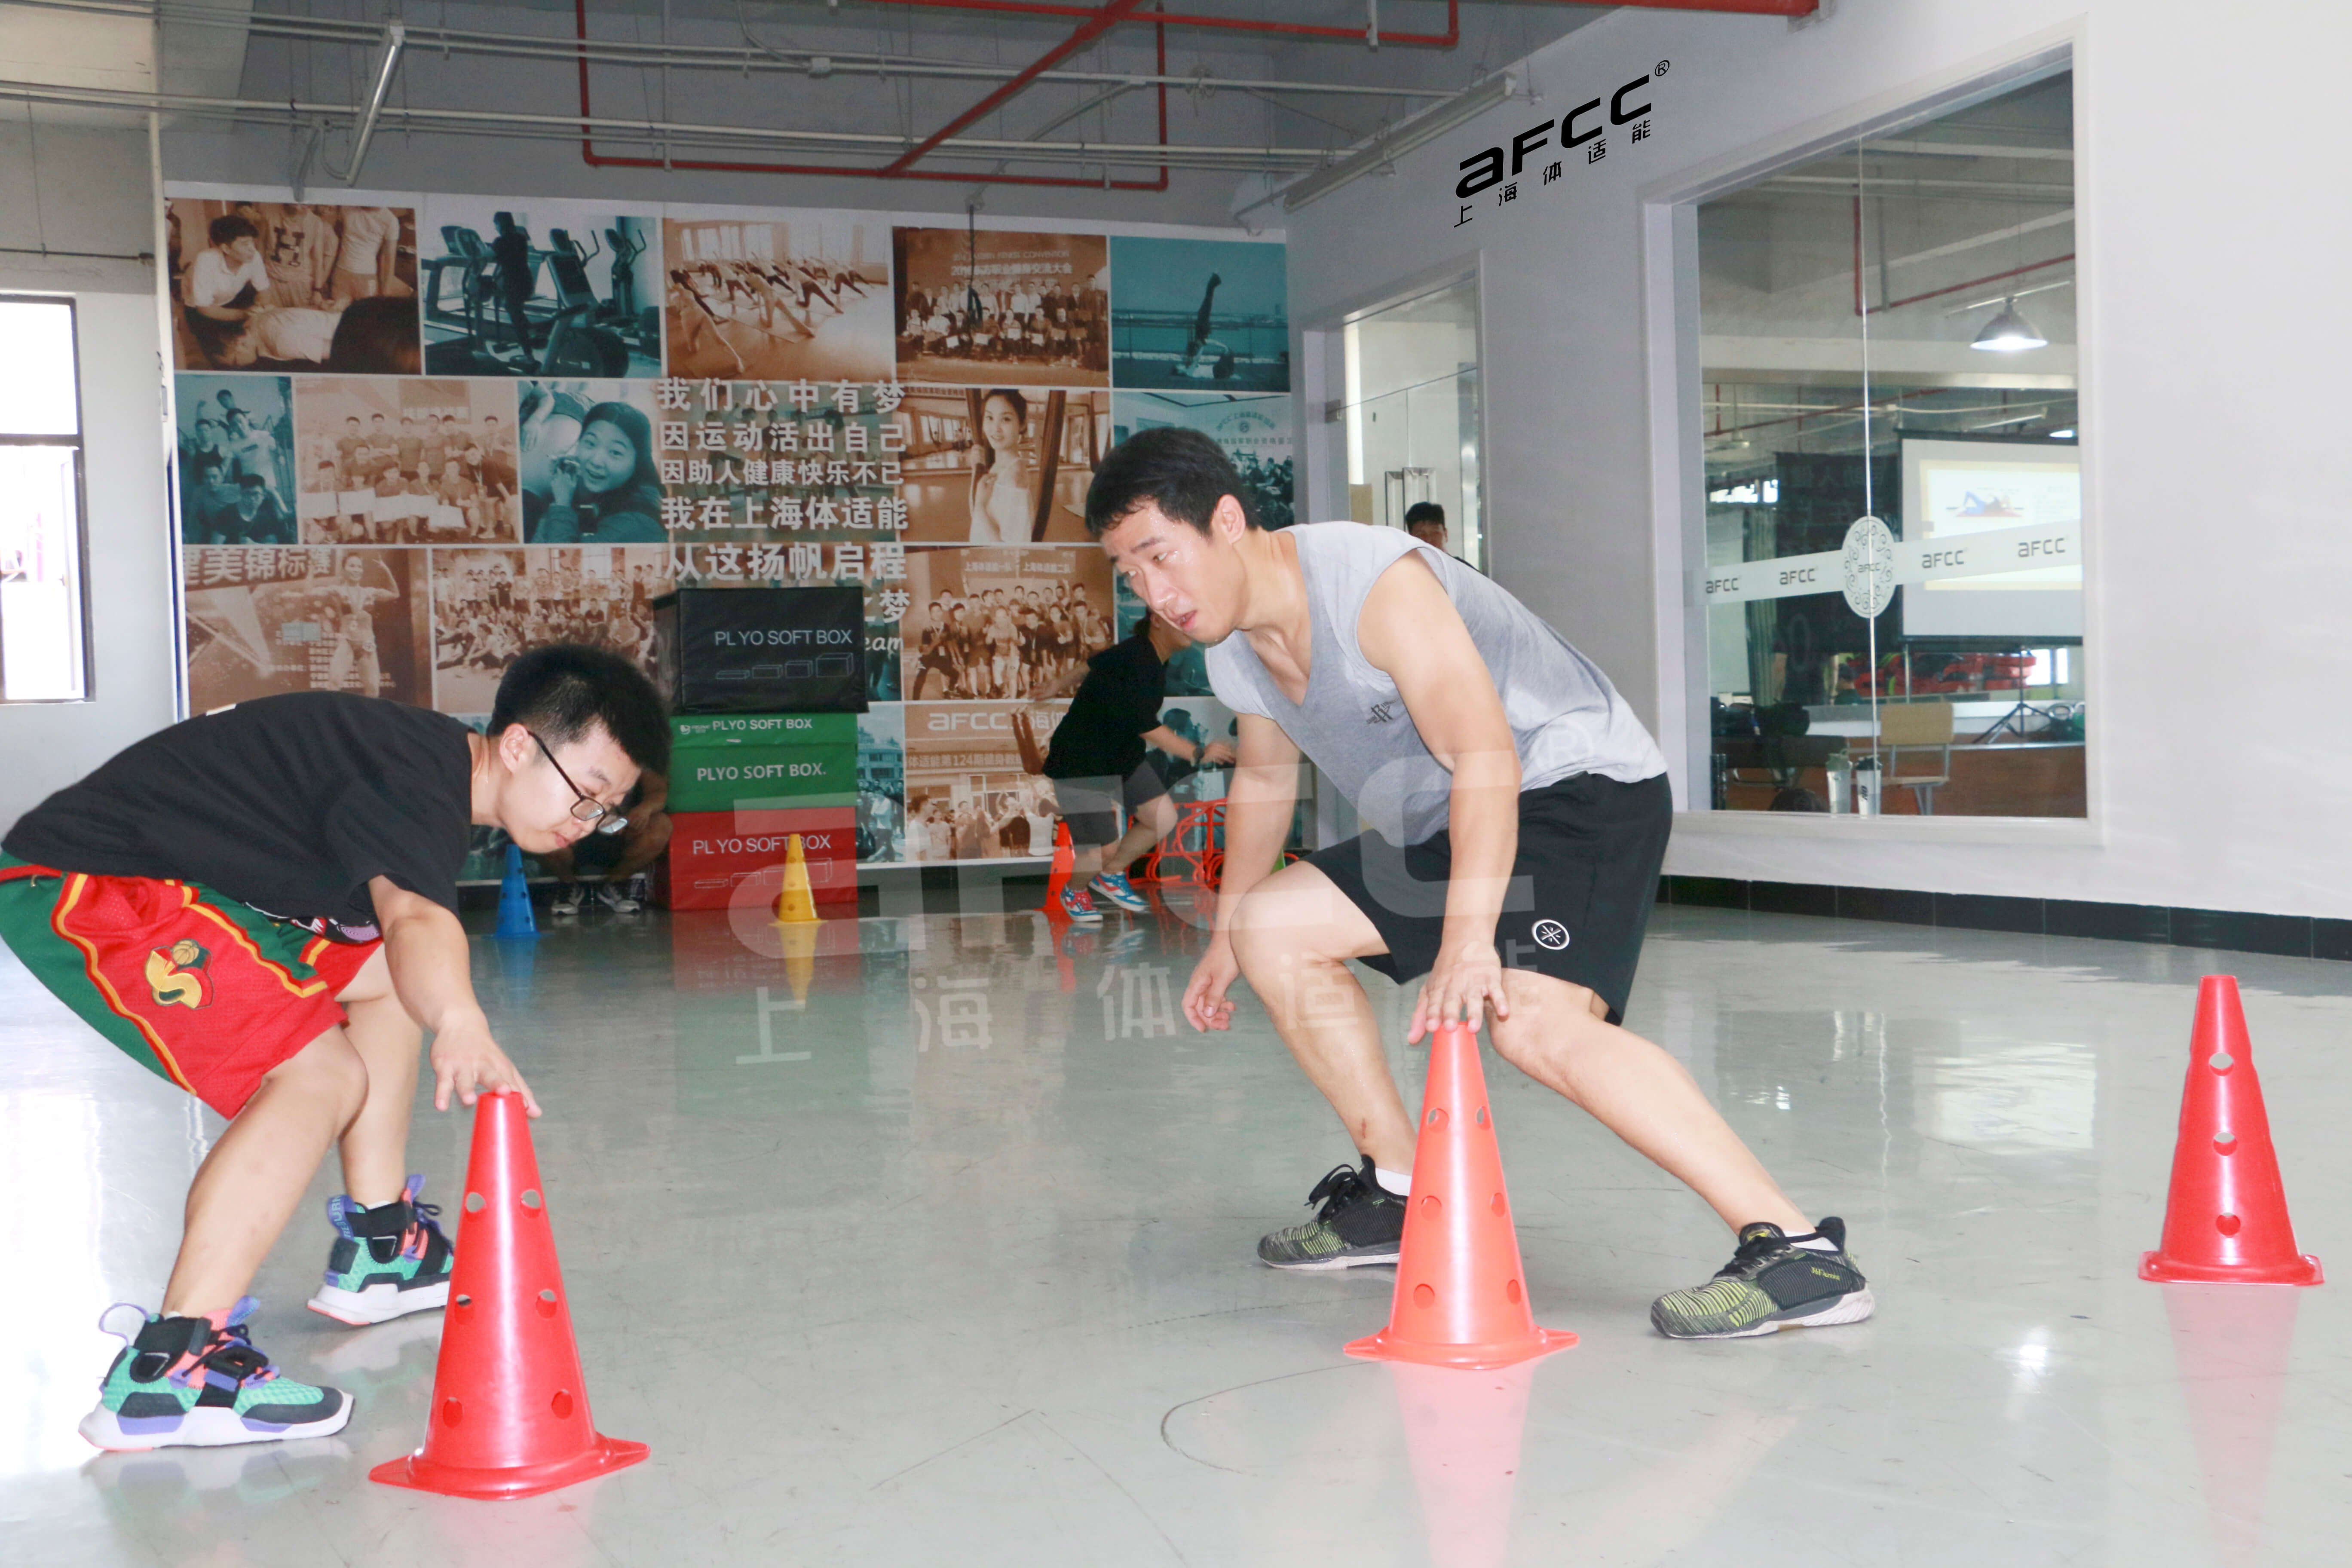 上海体适能自开设少儿体适能课程以来一直是引领国内少儿体适能行业发展的风向标